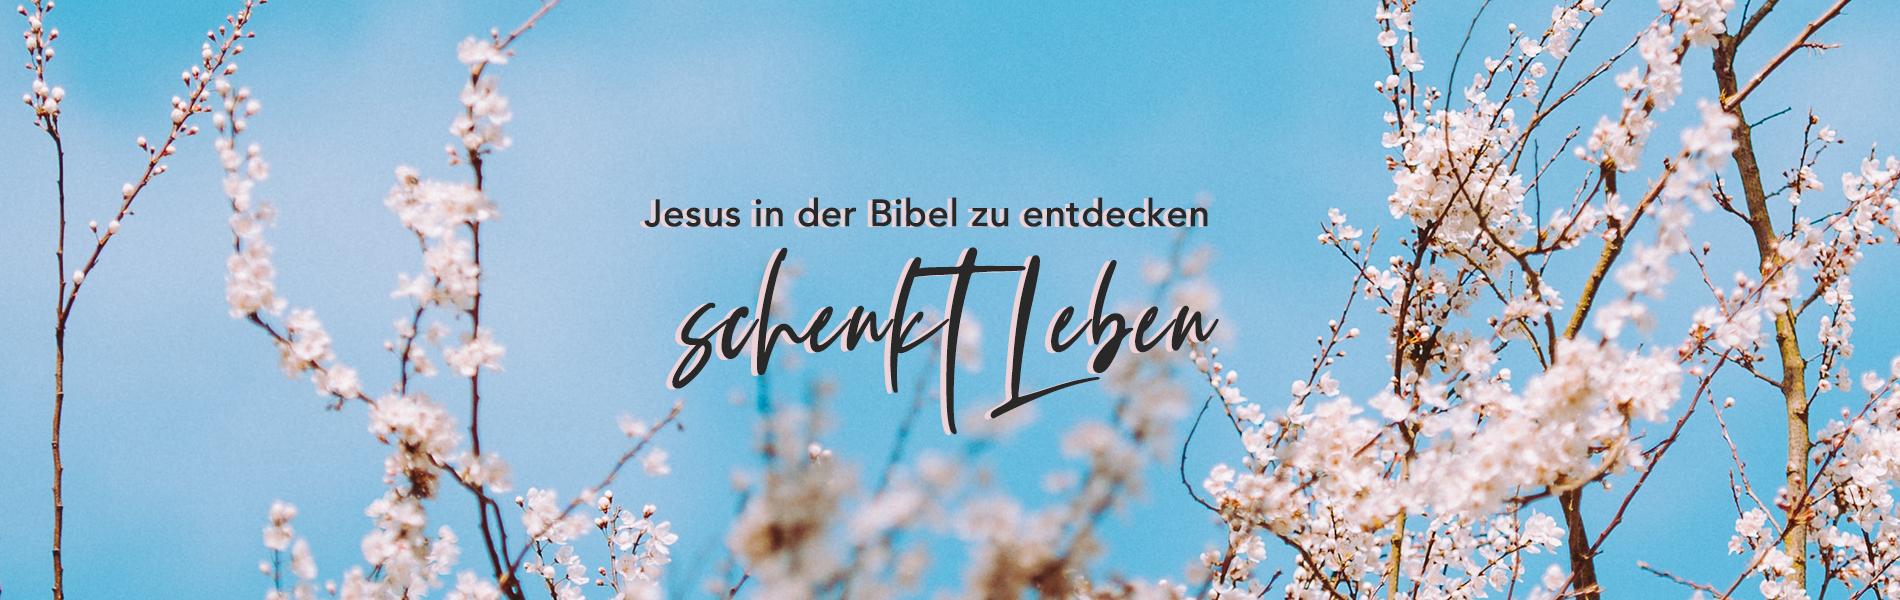 03_Mar_Seeing-Jesus_DE Home | New Creation TV